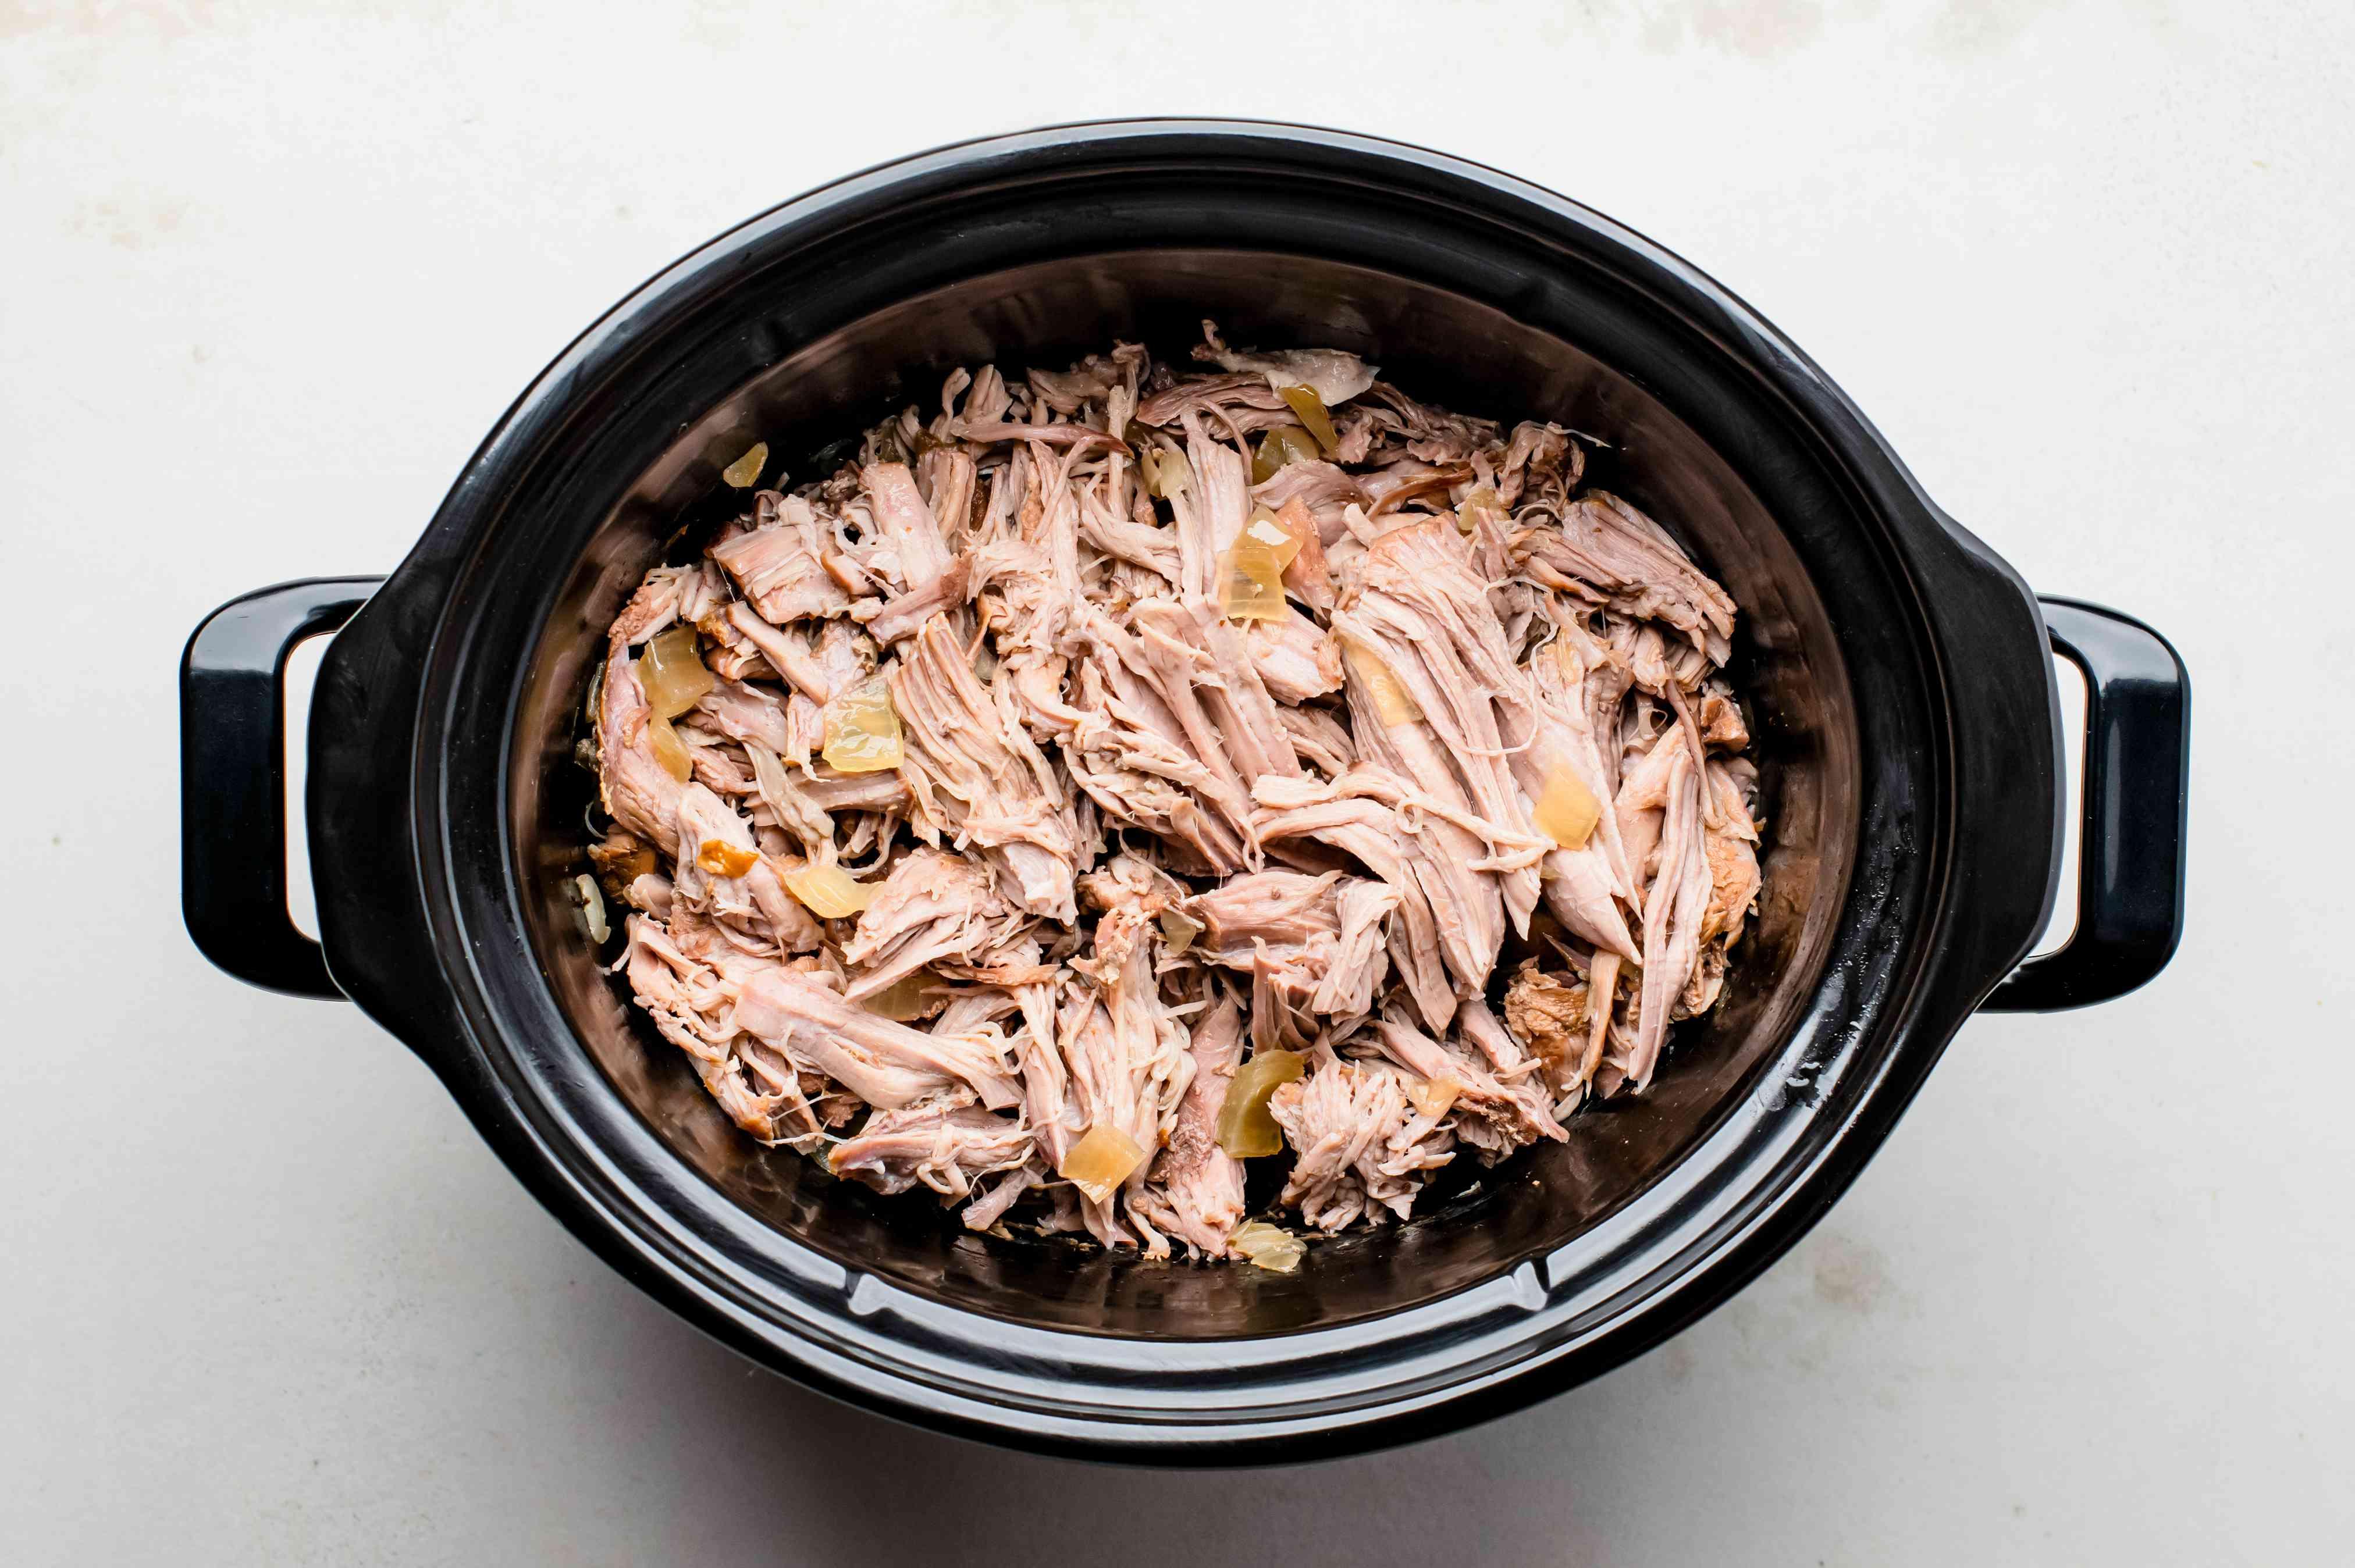 Shredded pork in crock pot